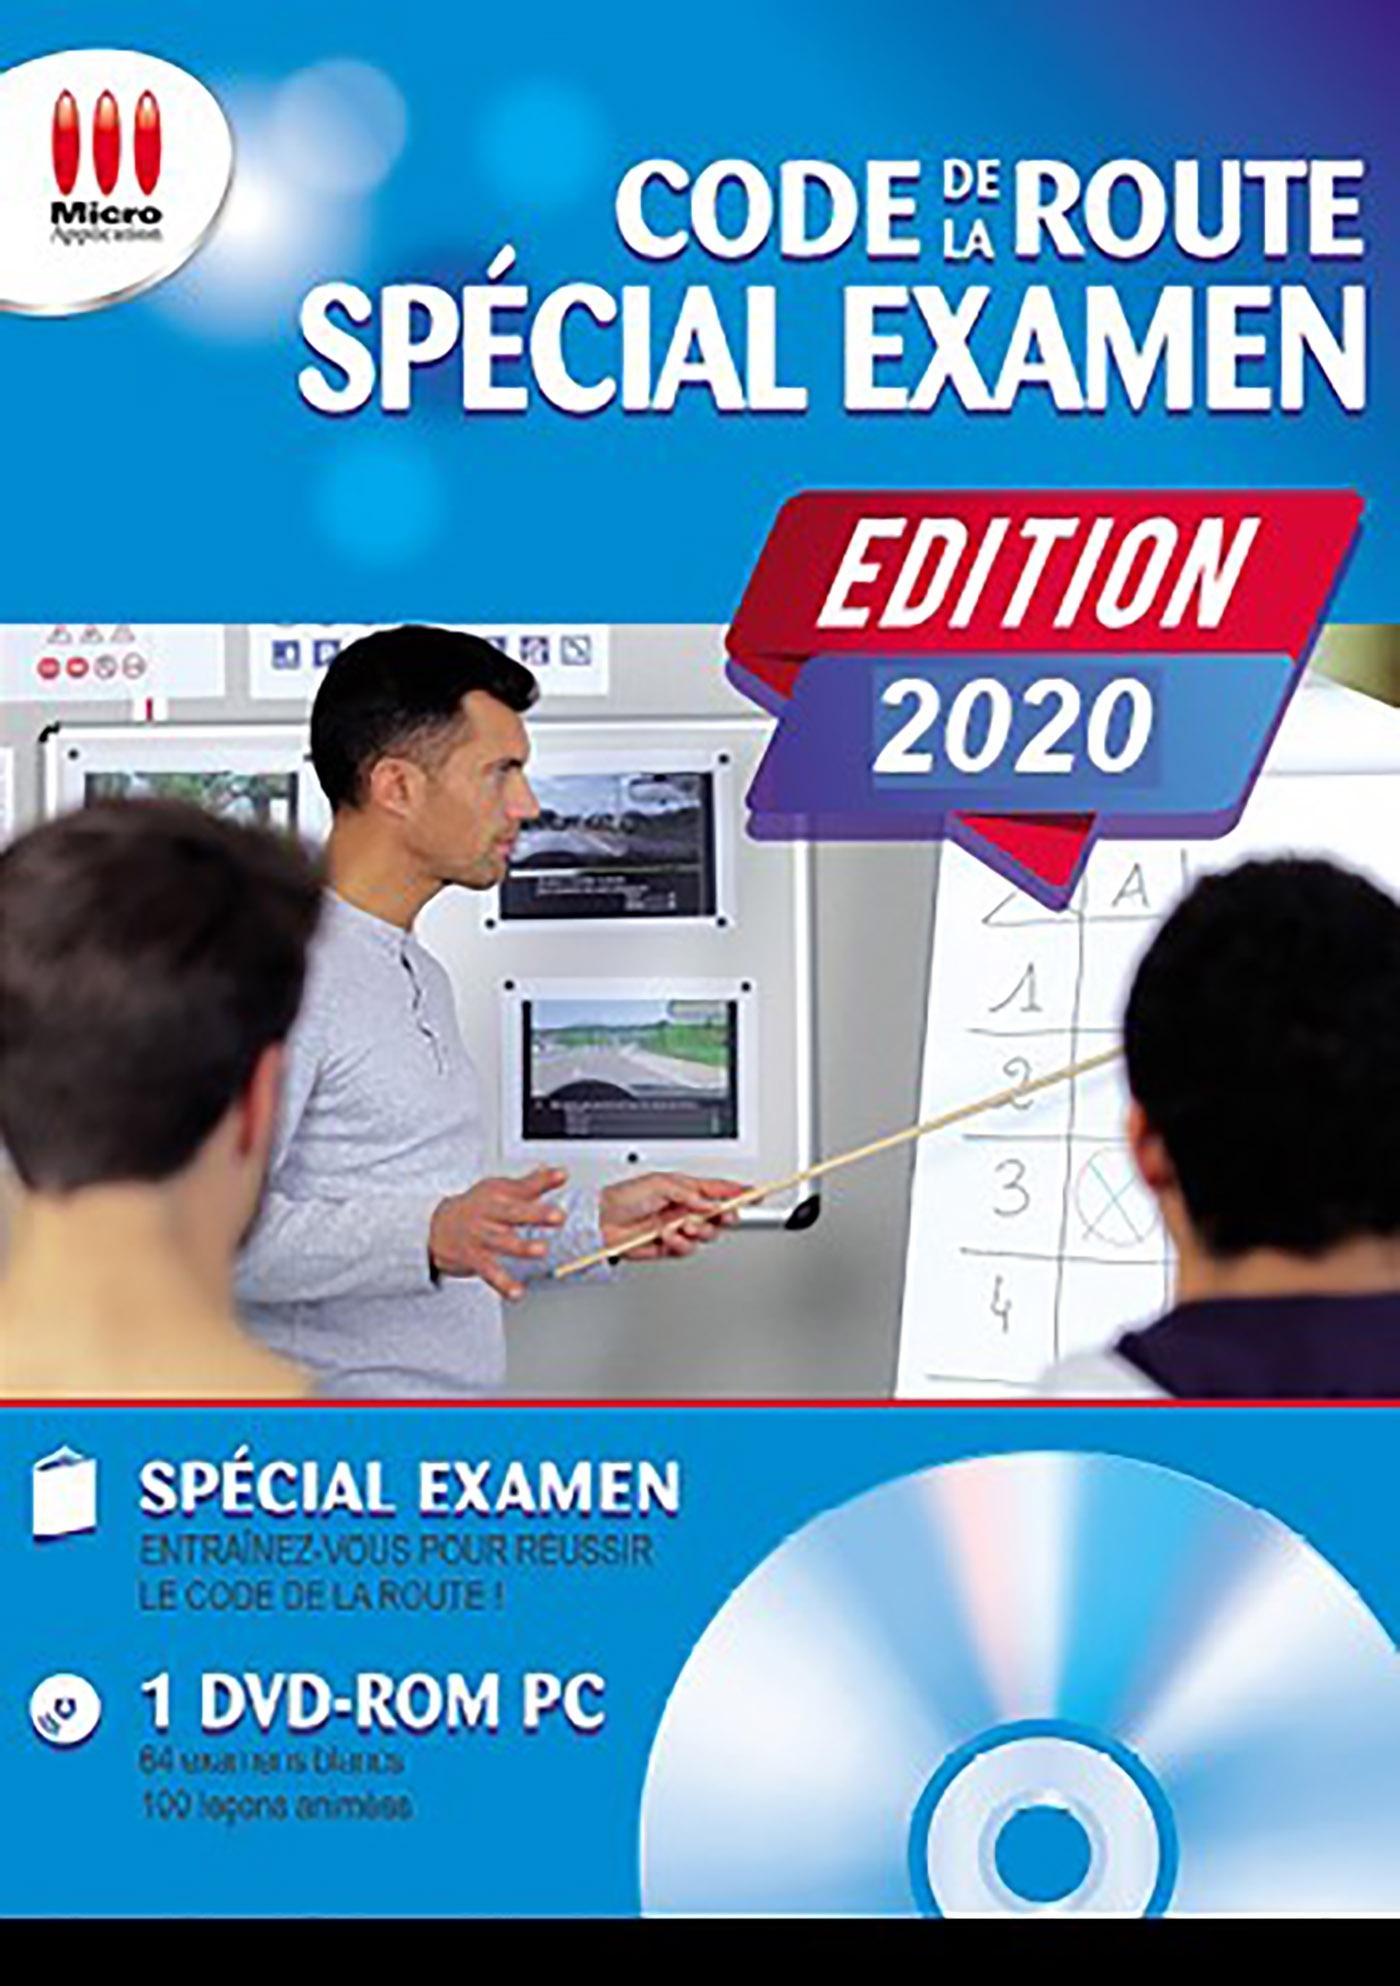 CODE DE LA ROUTE SPECIAL EXAMEN EDITION 2020